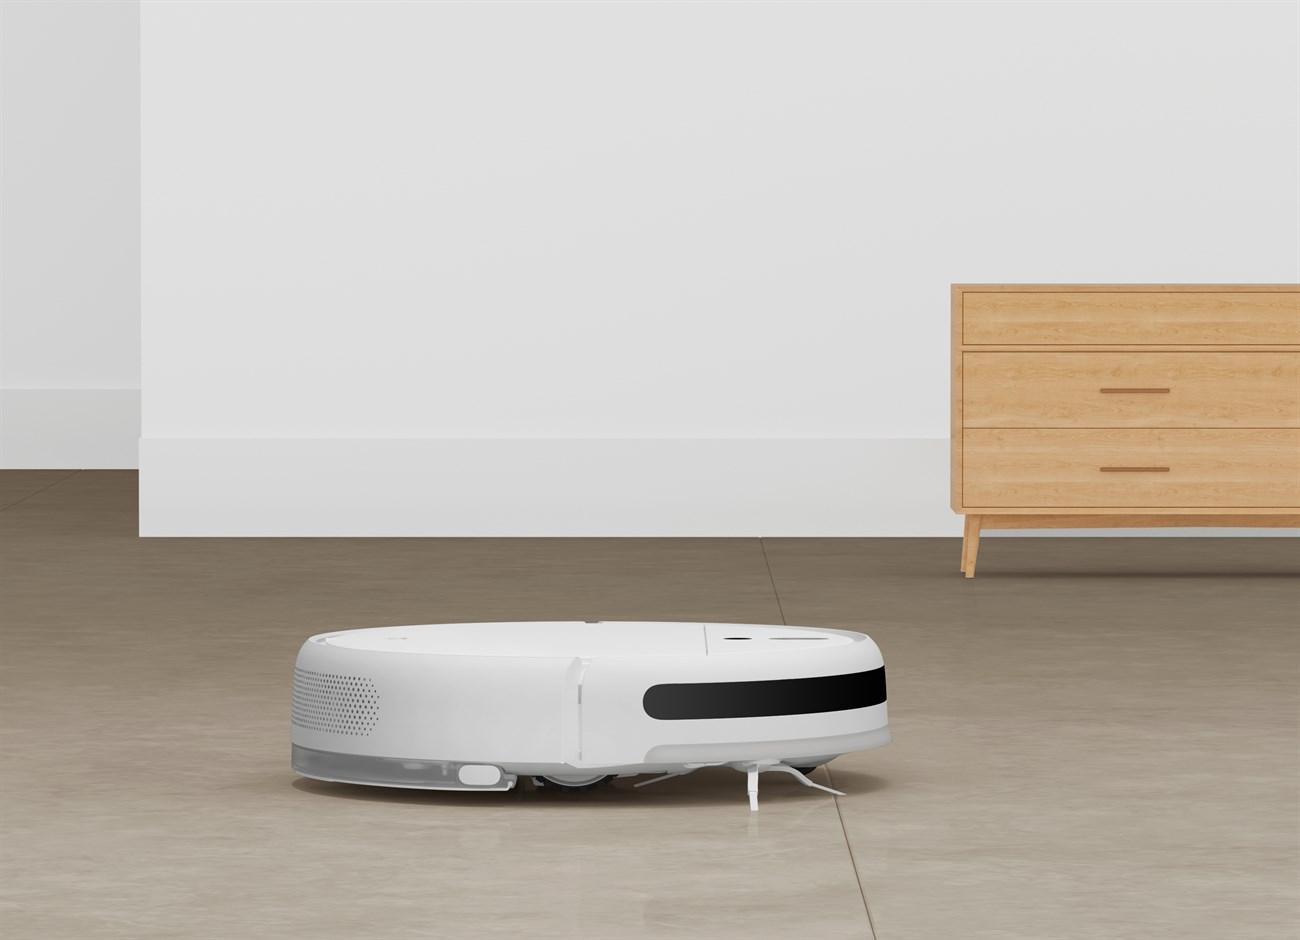 Mi Robot Vacuum-Mop đi kèm với công suất cực mạnh 2500 Pa